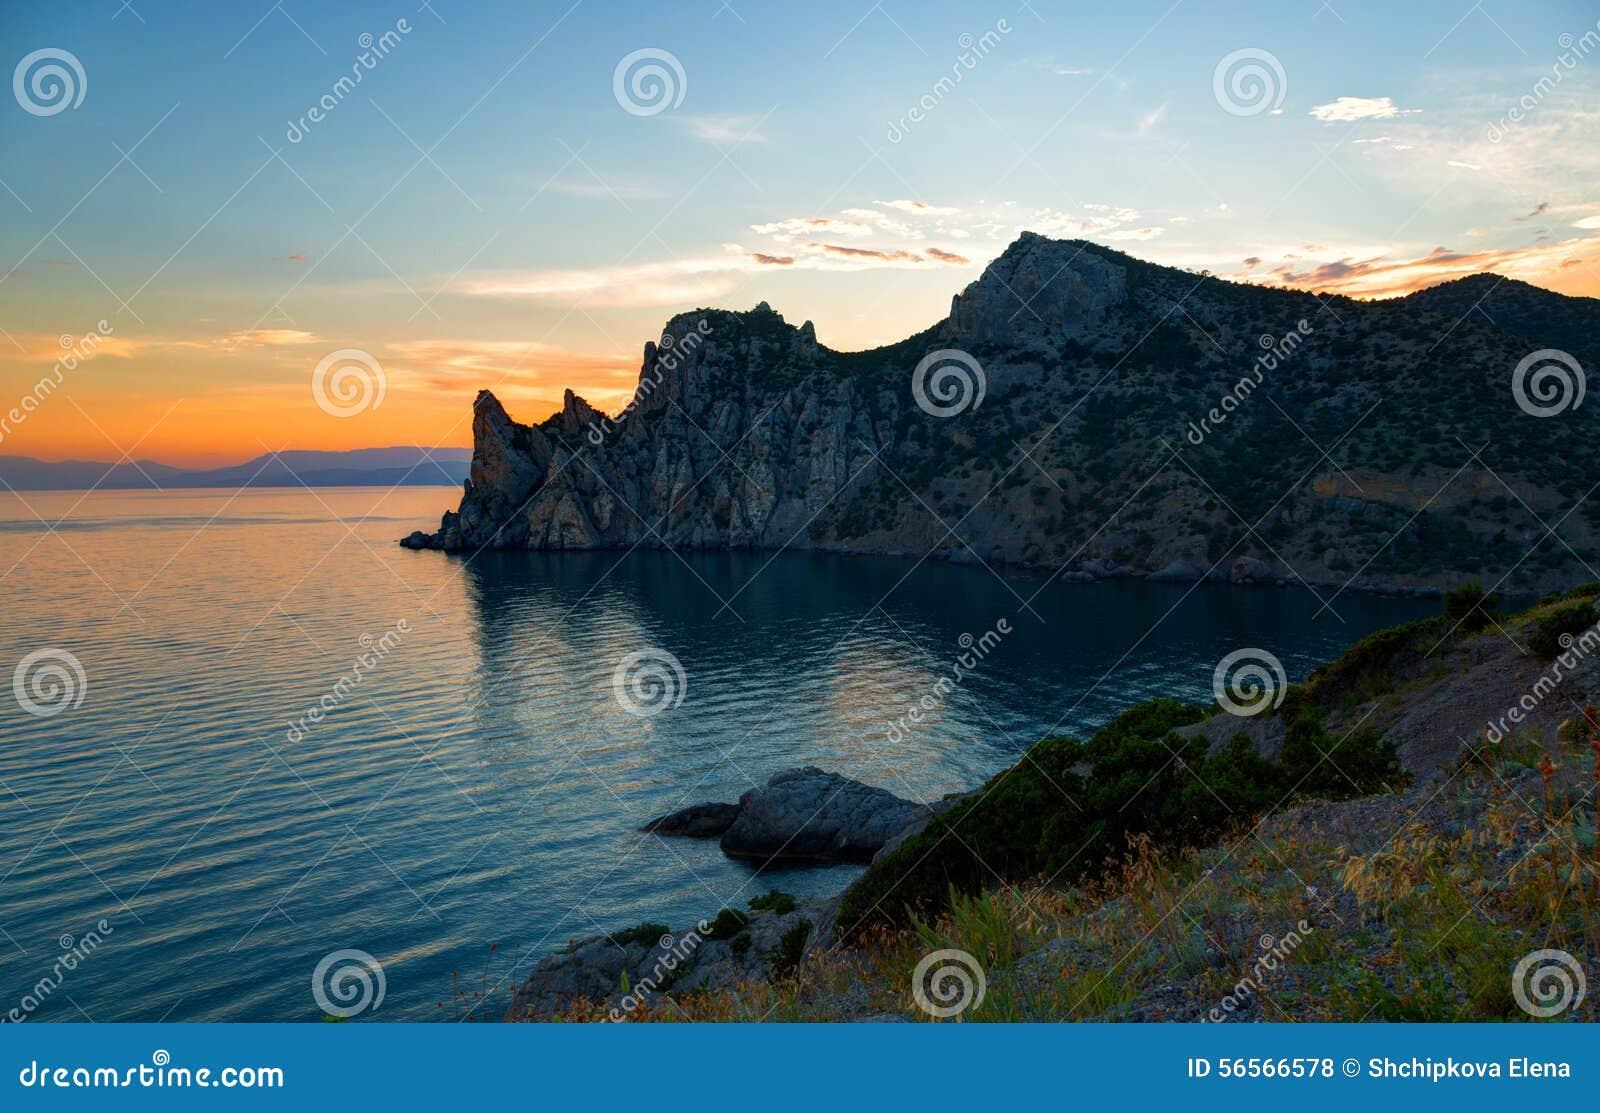 Download Κριμαία στοκ εικόνες. εικόνα από βράχοι, φύση, βουνά - 56566578